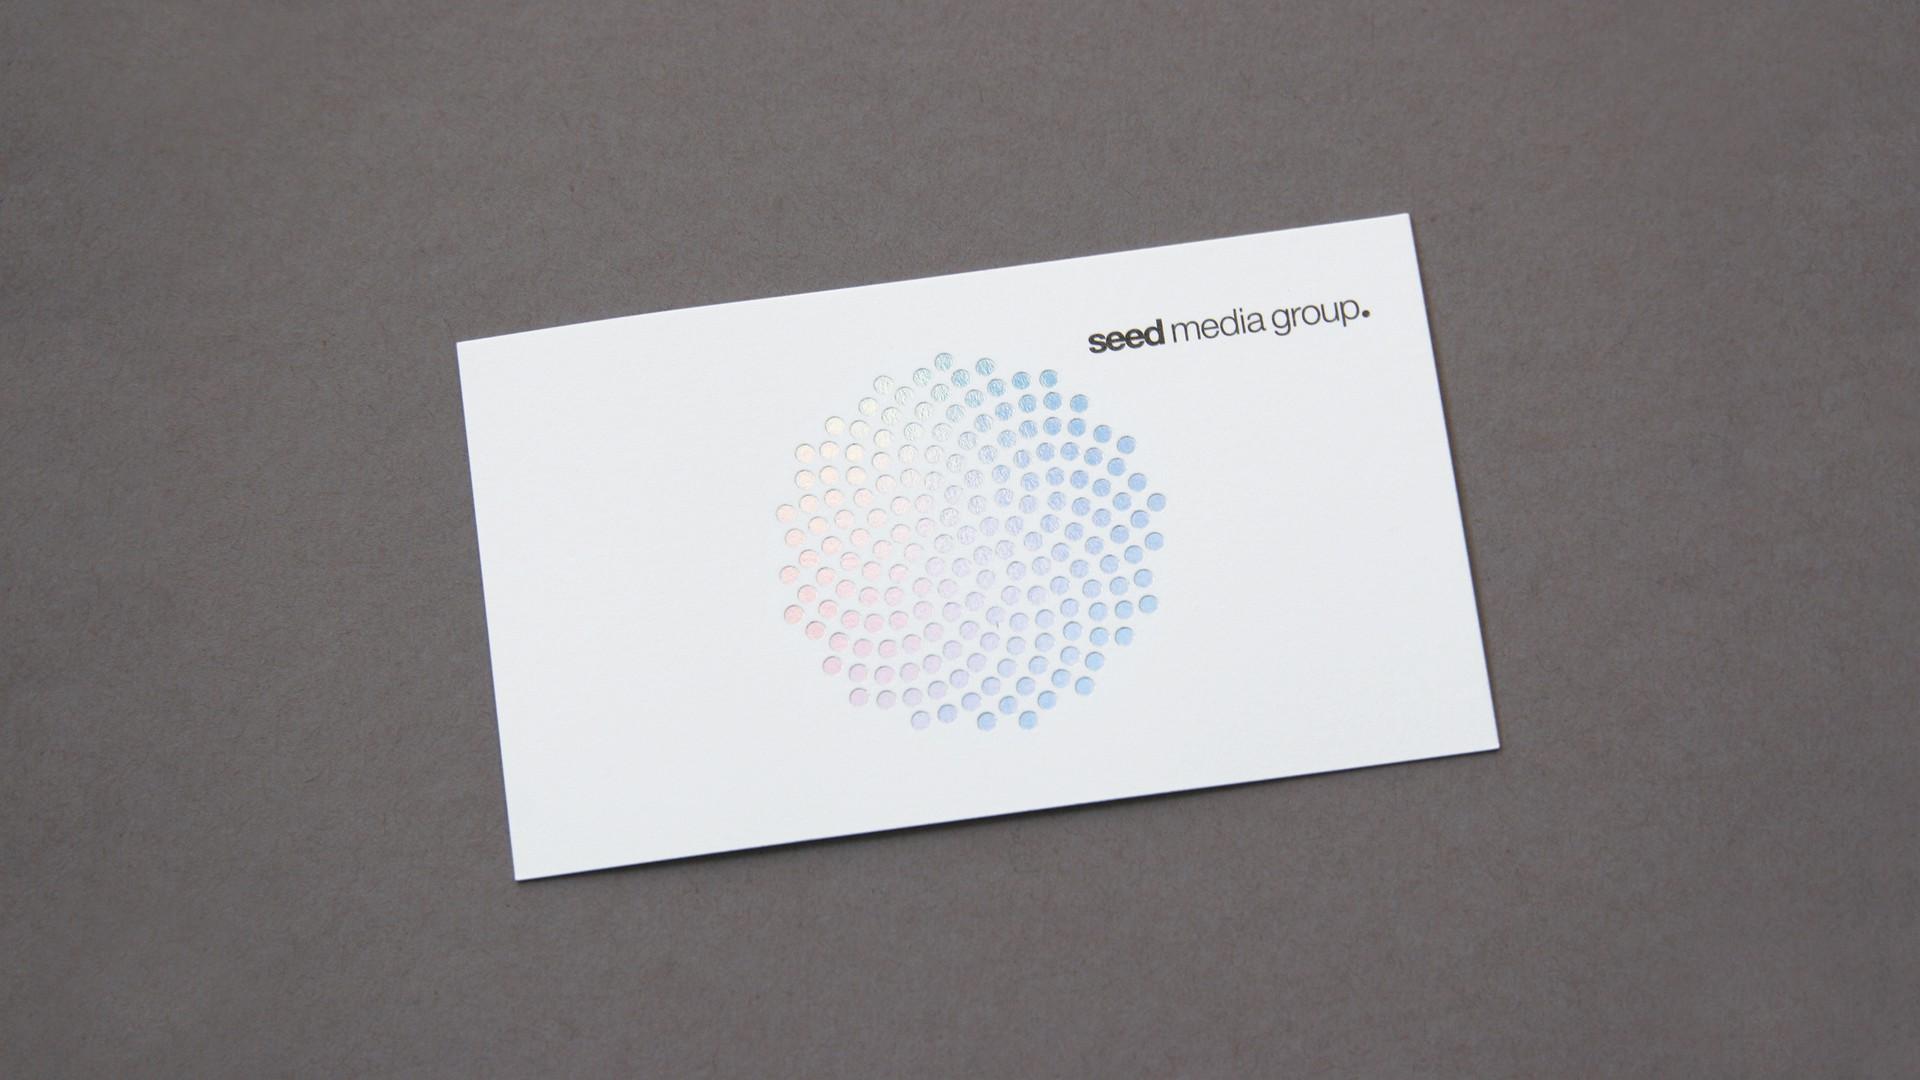 Seed Media Group